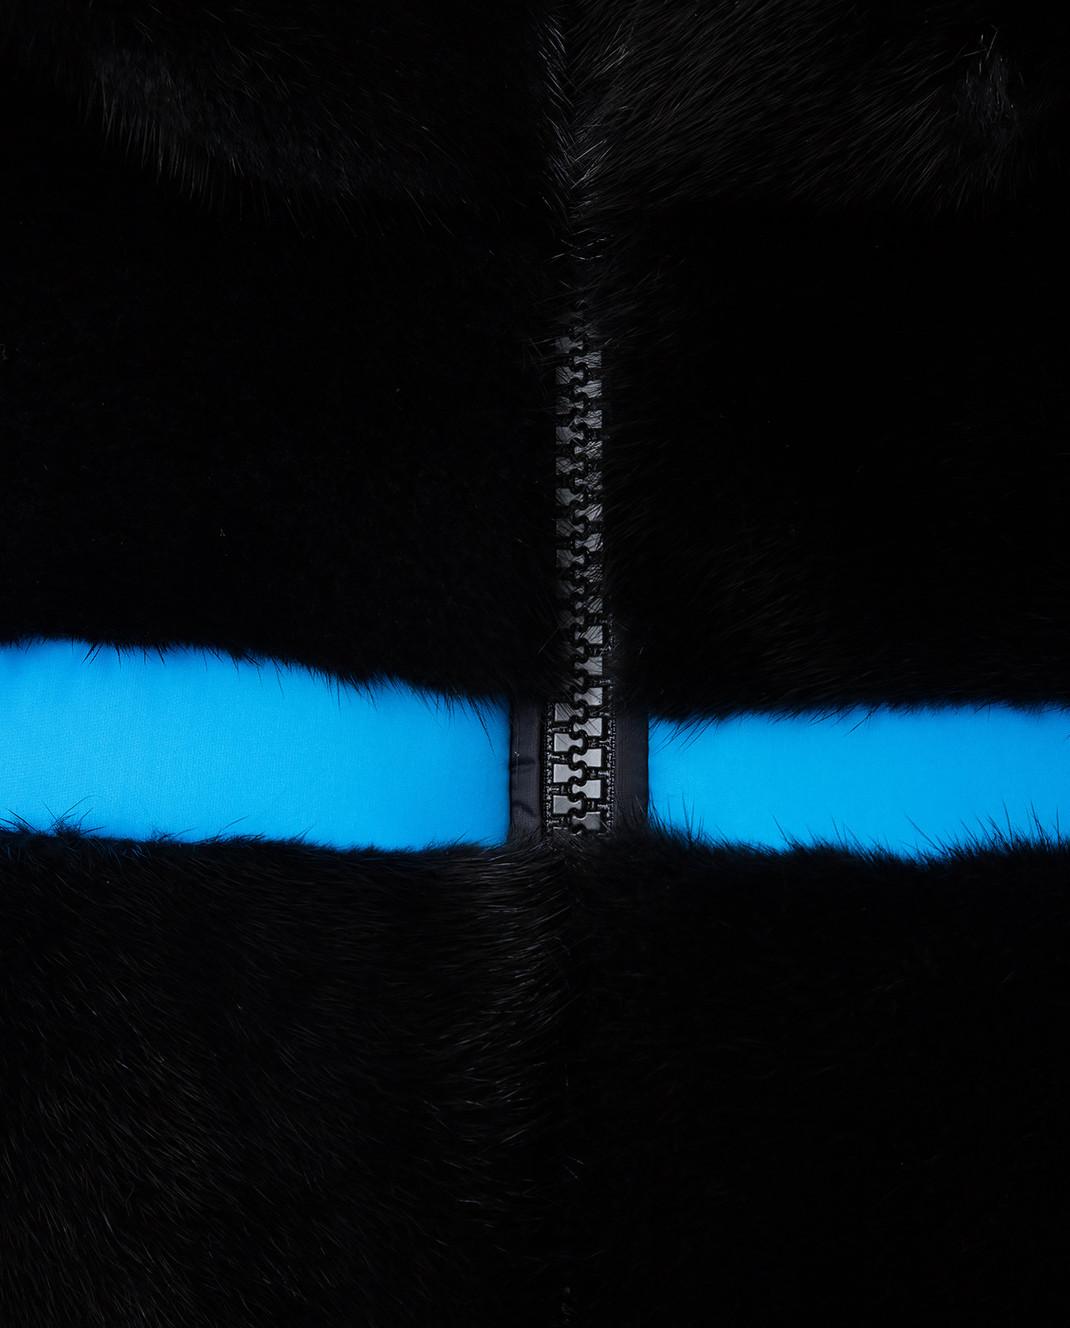 Fabio Gavazzi Черная двусторонняя шуба из меха норки 9VI000F18FG202 изображение 5